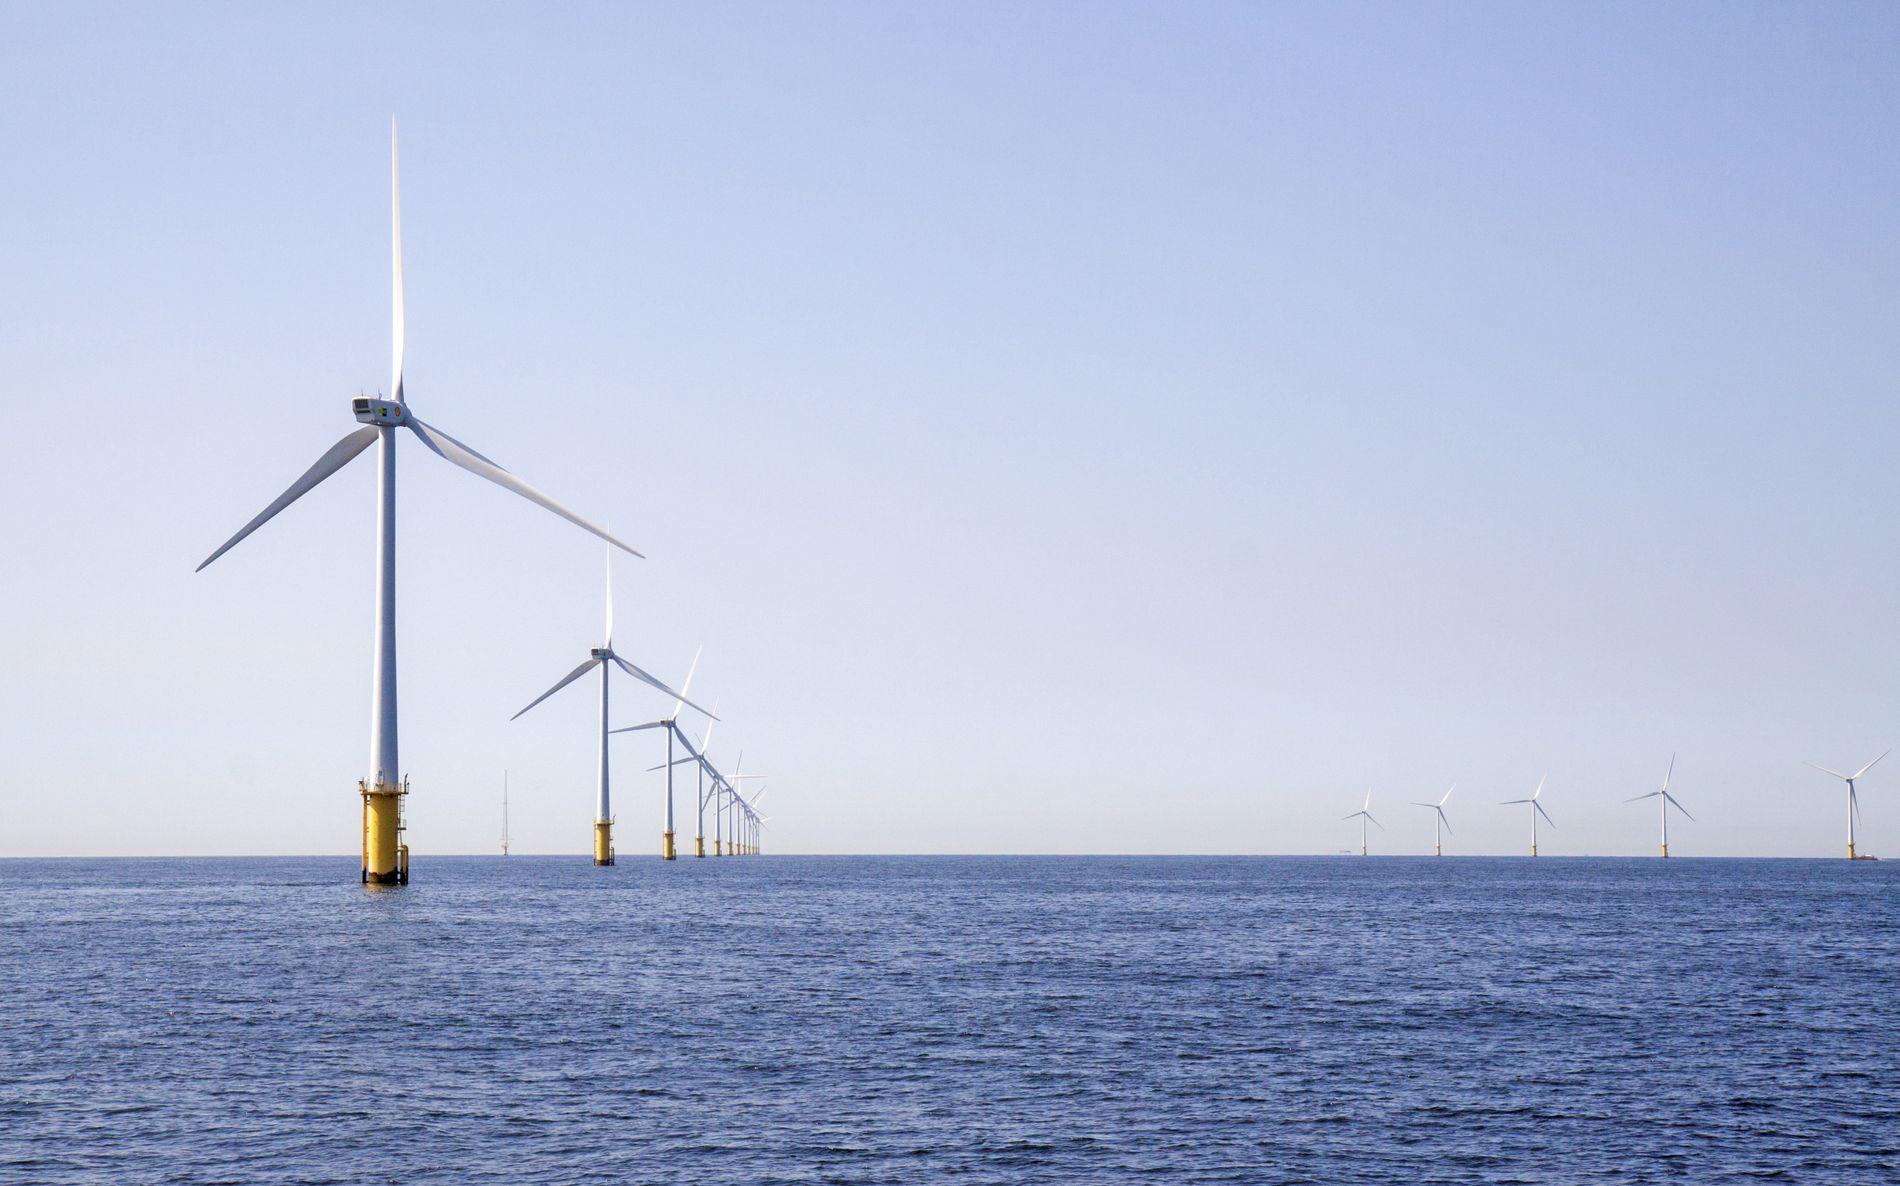 GODT UTGANGSPUNKT: Markedet for flytende havvind er under etablering flere steder i verden. Norge har et fantastisk utgangspunkt for å ta en lederrolle både nasjonalt og globalt, også på dette feltet, skriver innsenderne.